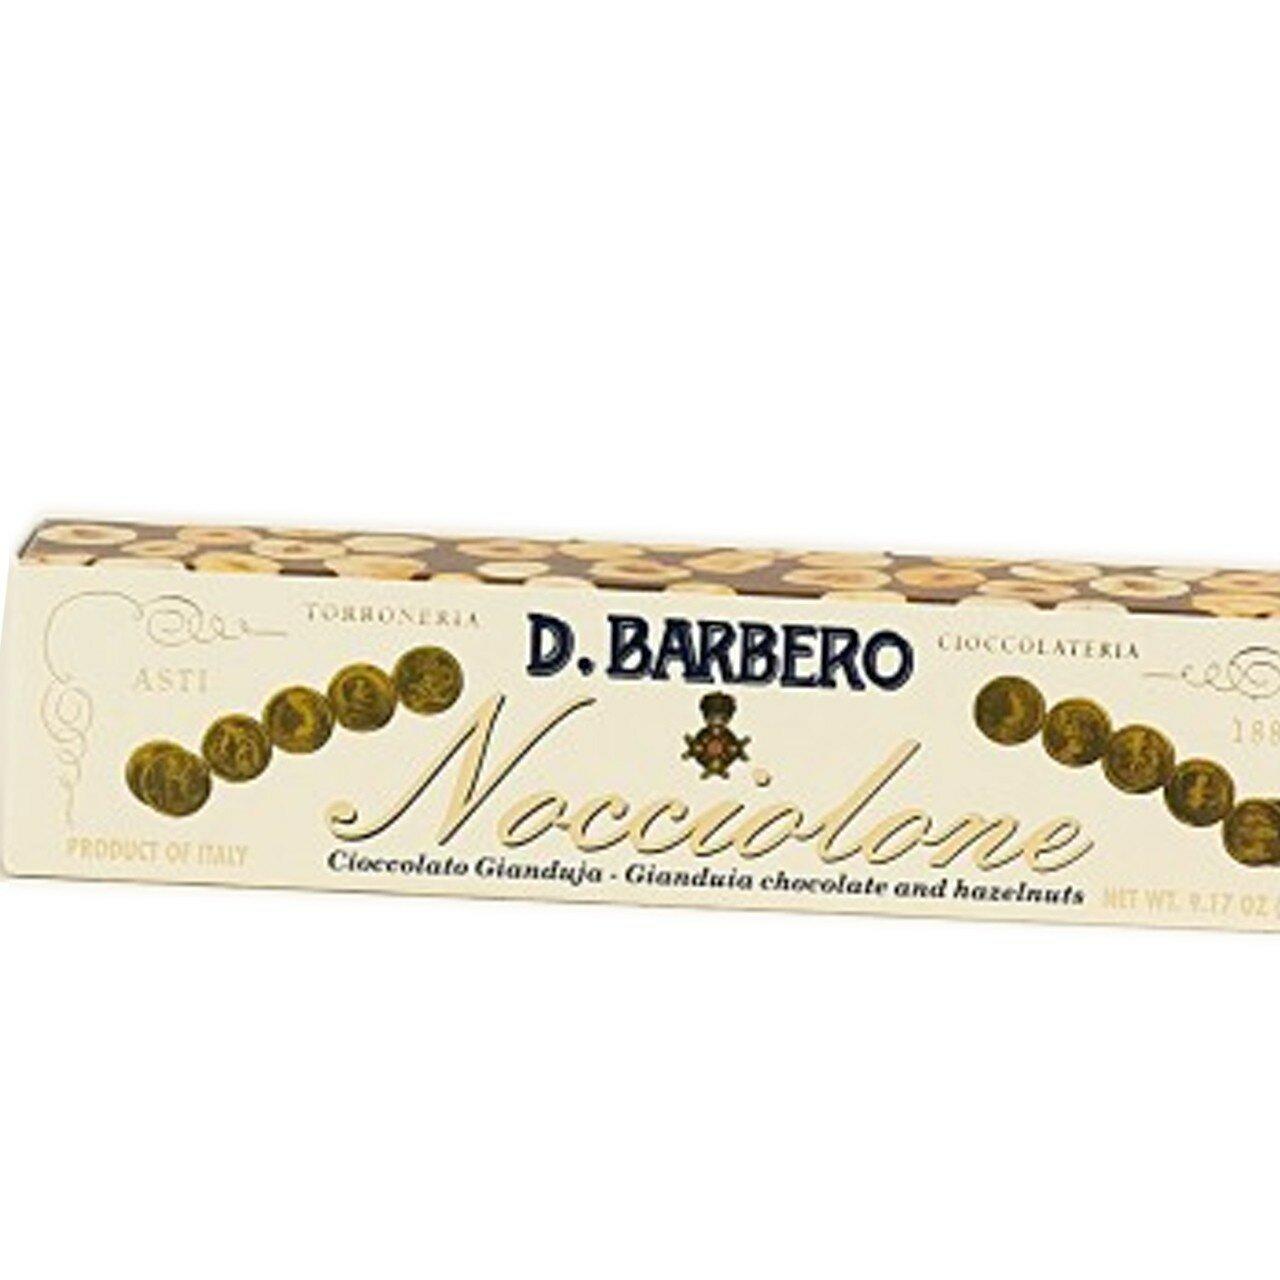 Nocciolone soft Chocolate Gianduja with Piedmont hazelnuts IGP